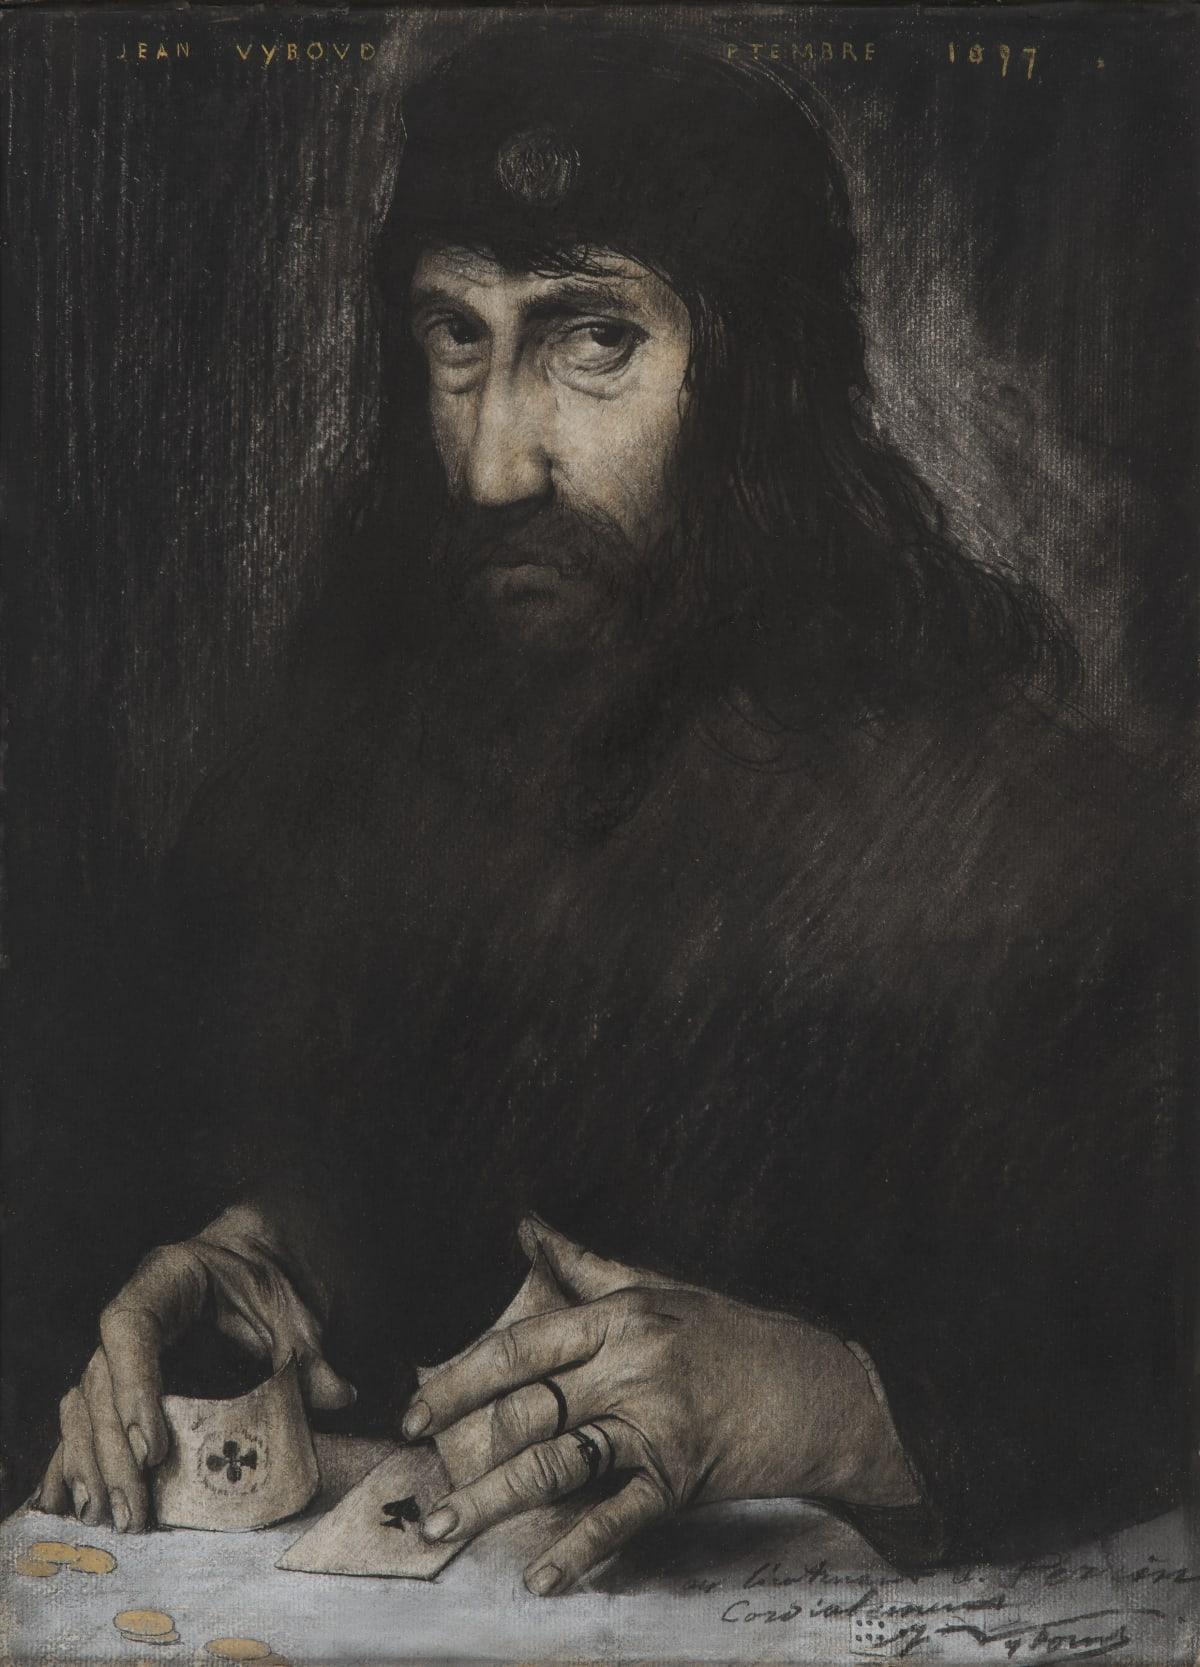 Jean Vyboud, Le Joueur de Bonneteau, 1897